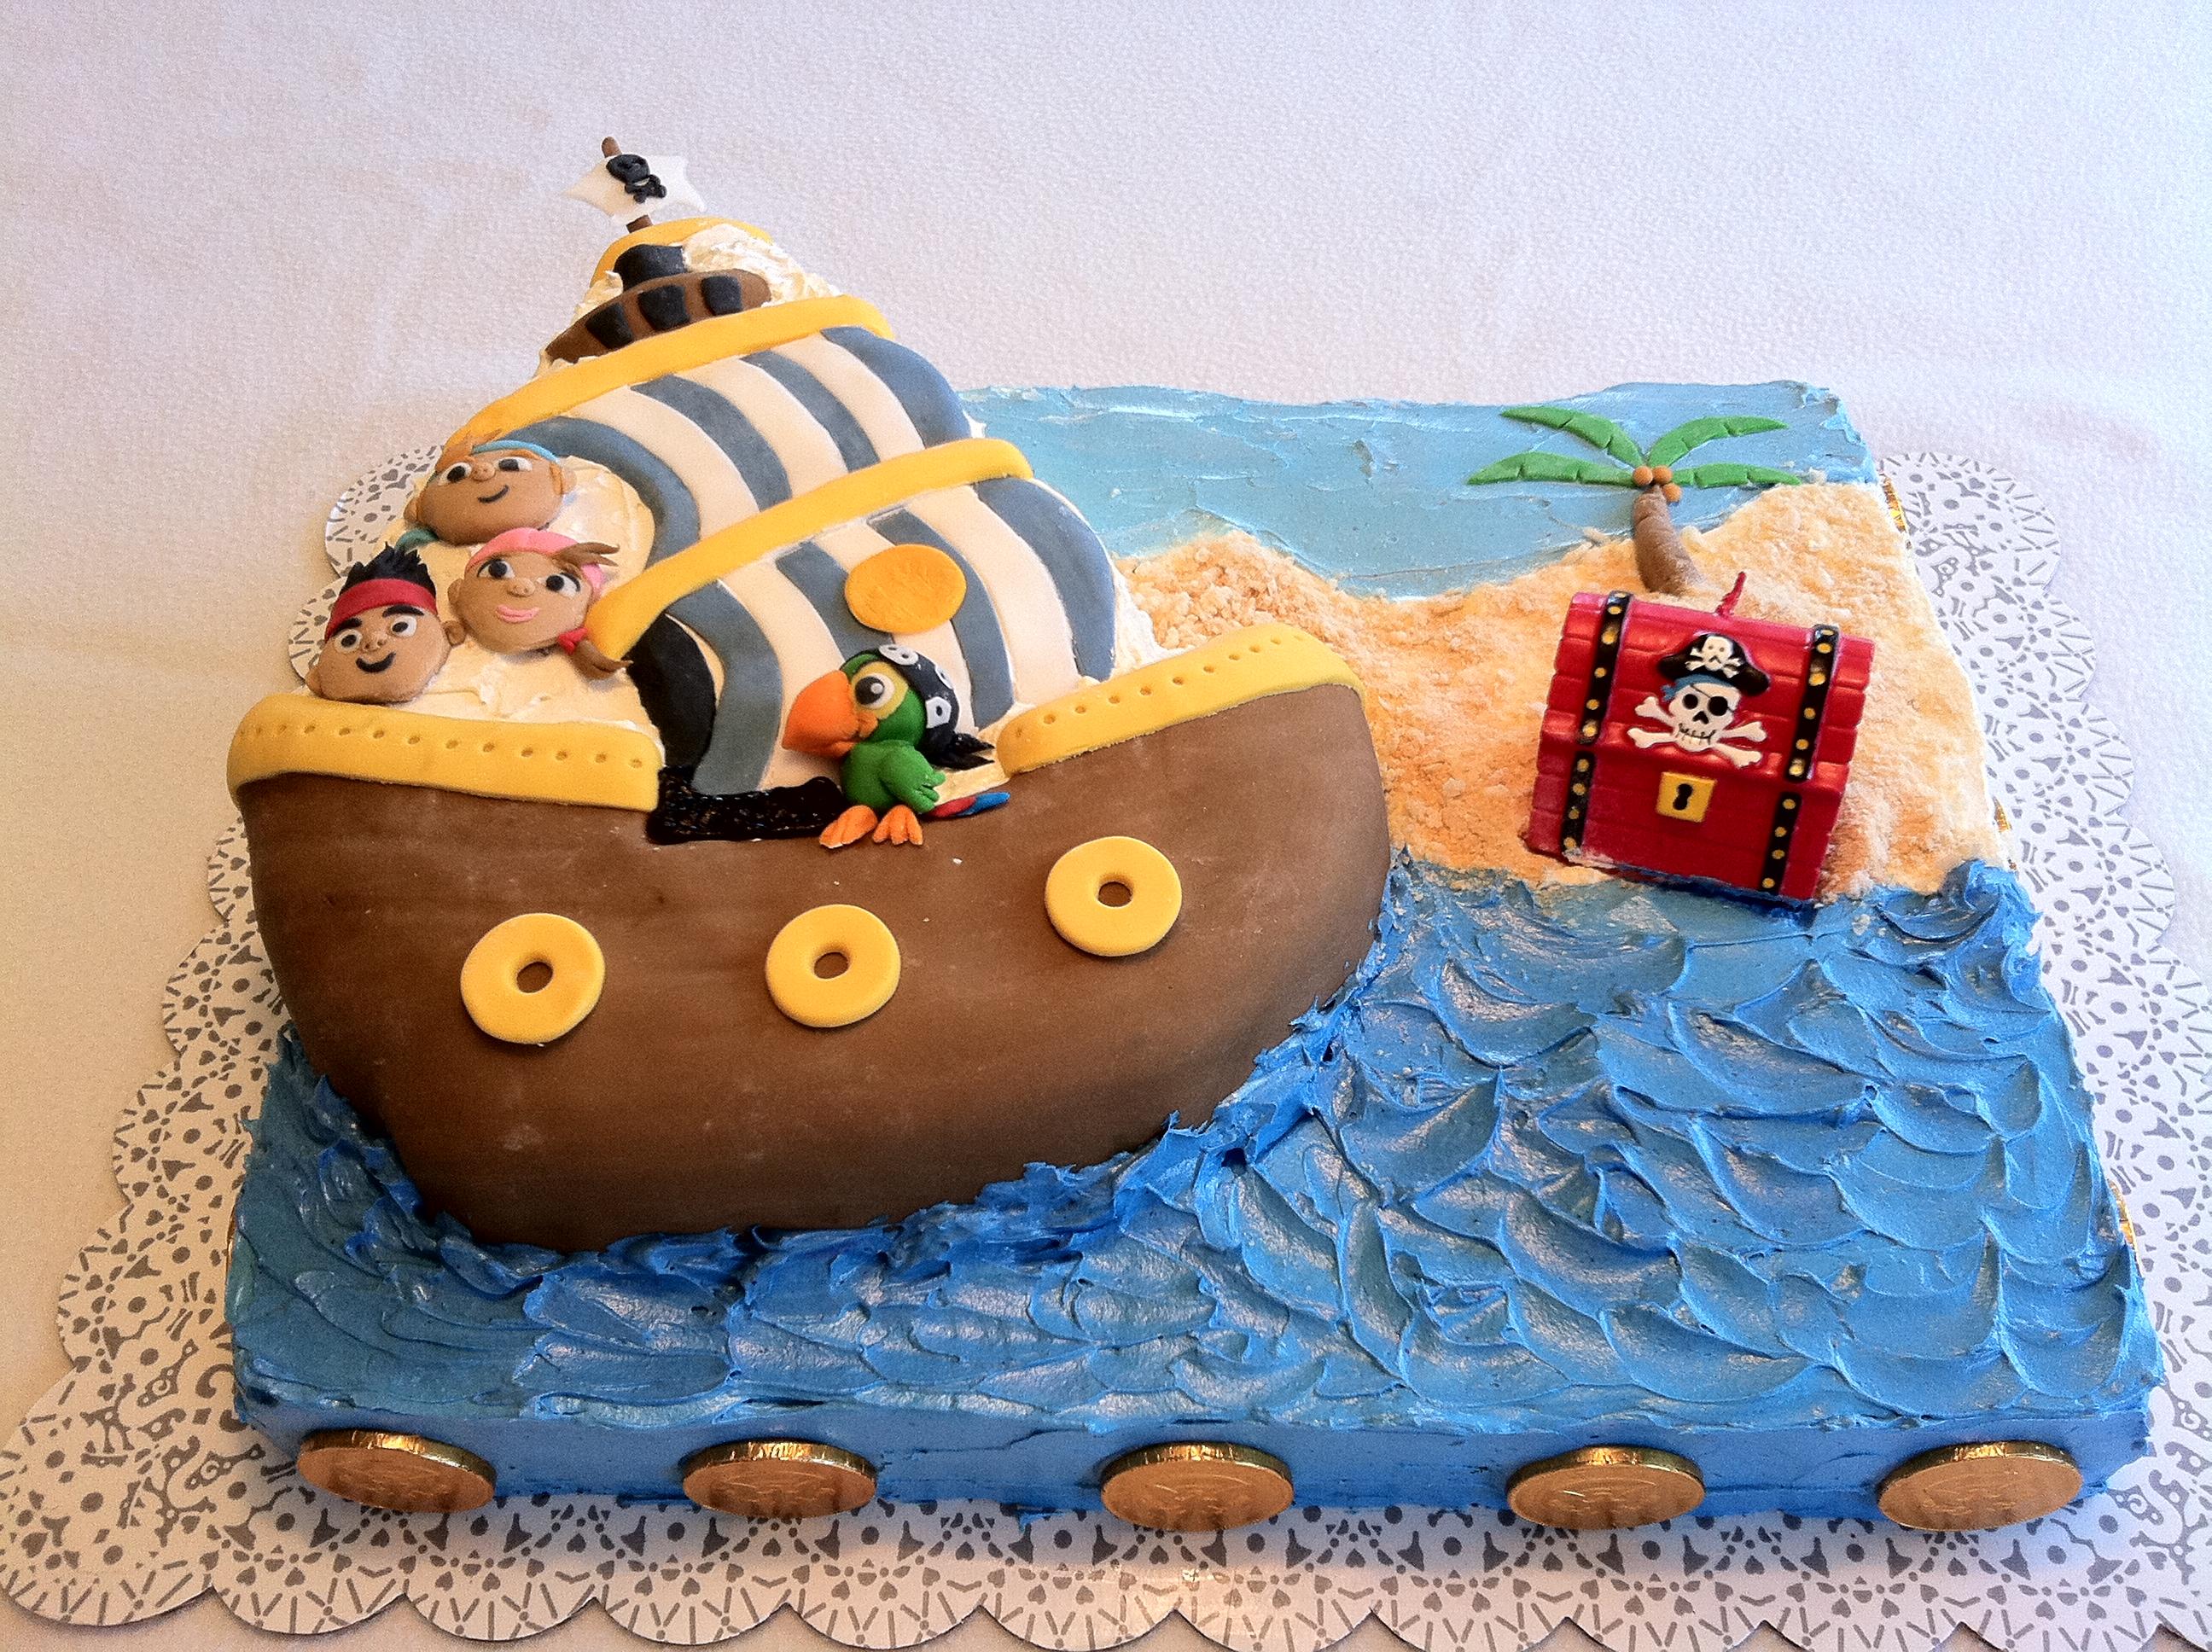 Картинки с пиратской тематикой для фотопринтера на торт